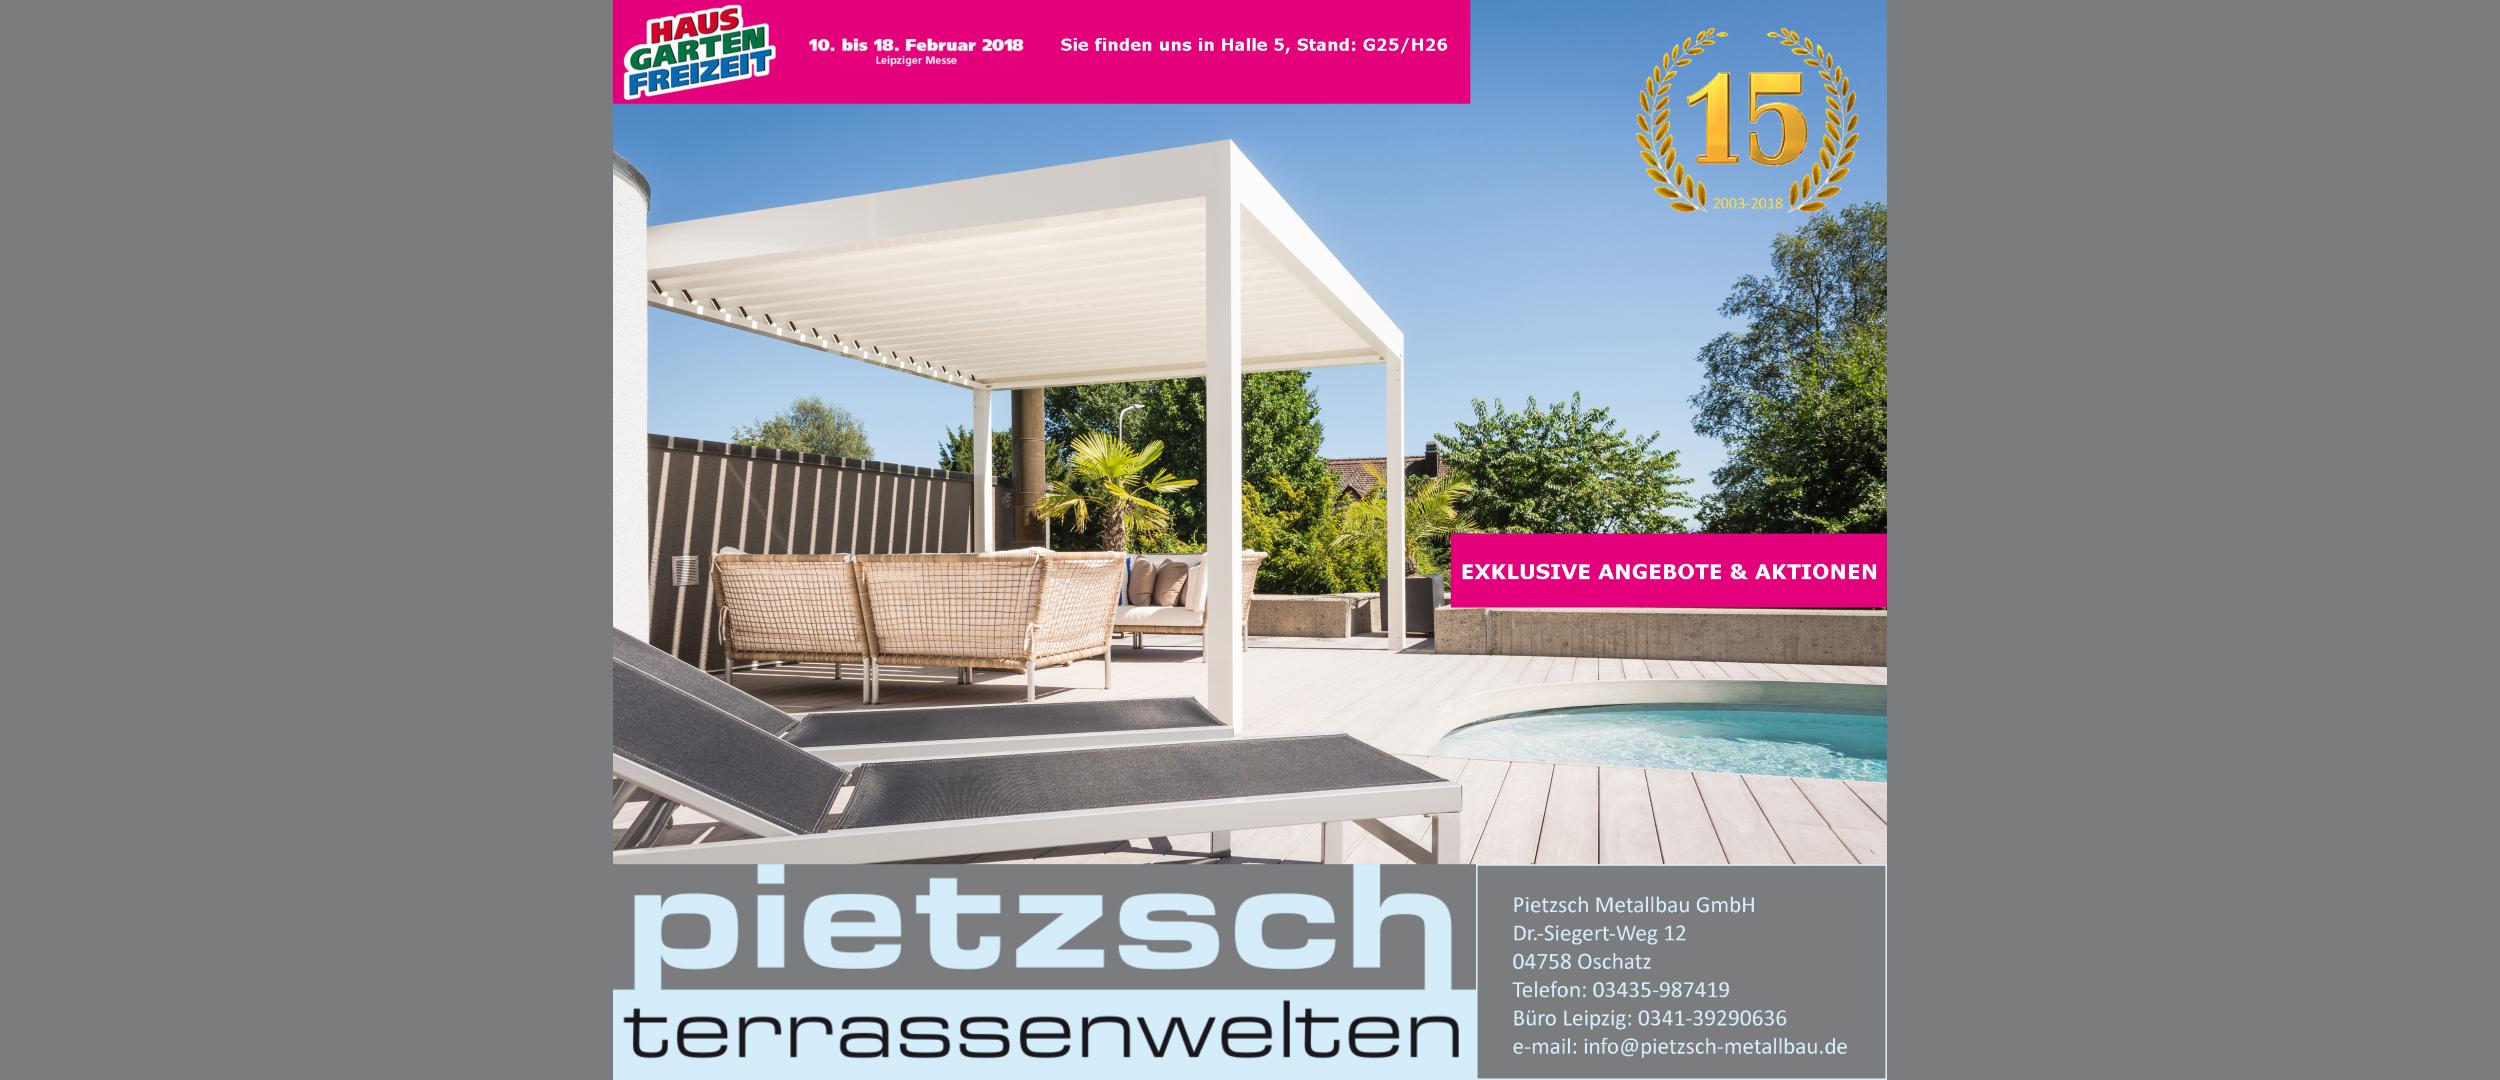 Haus Garten Freizeit 2018 Pietzsch Terrassenwelten